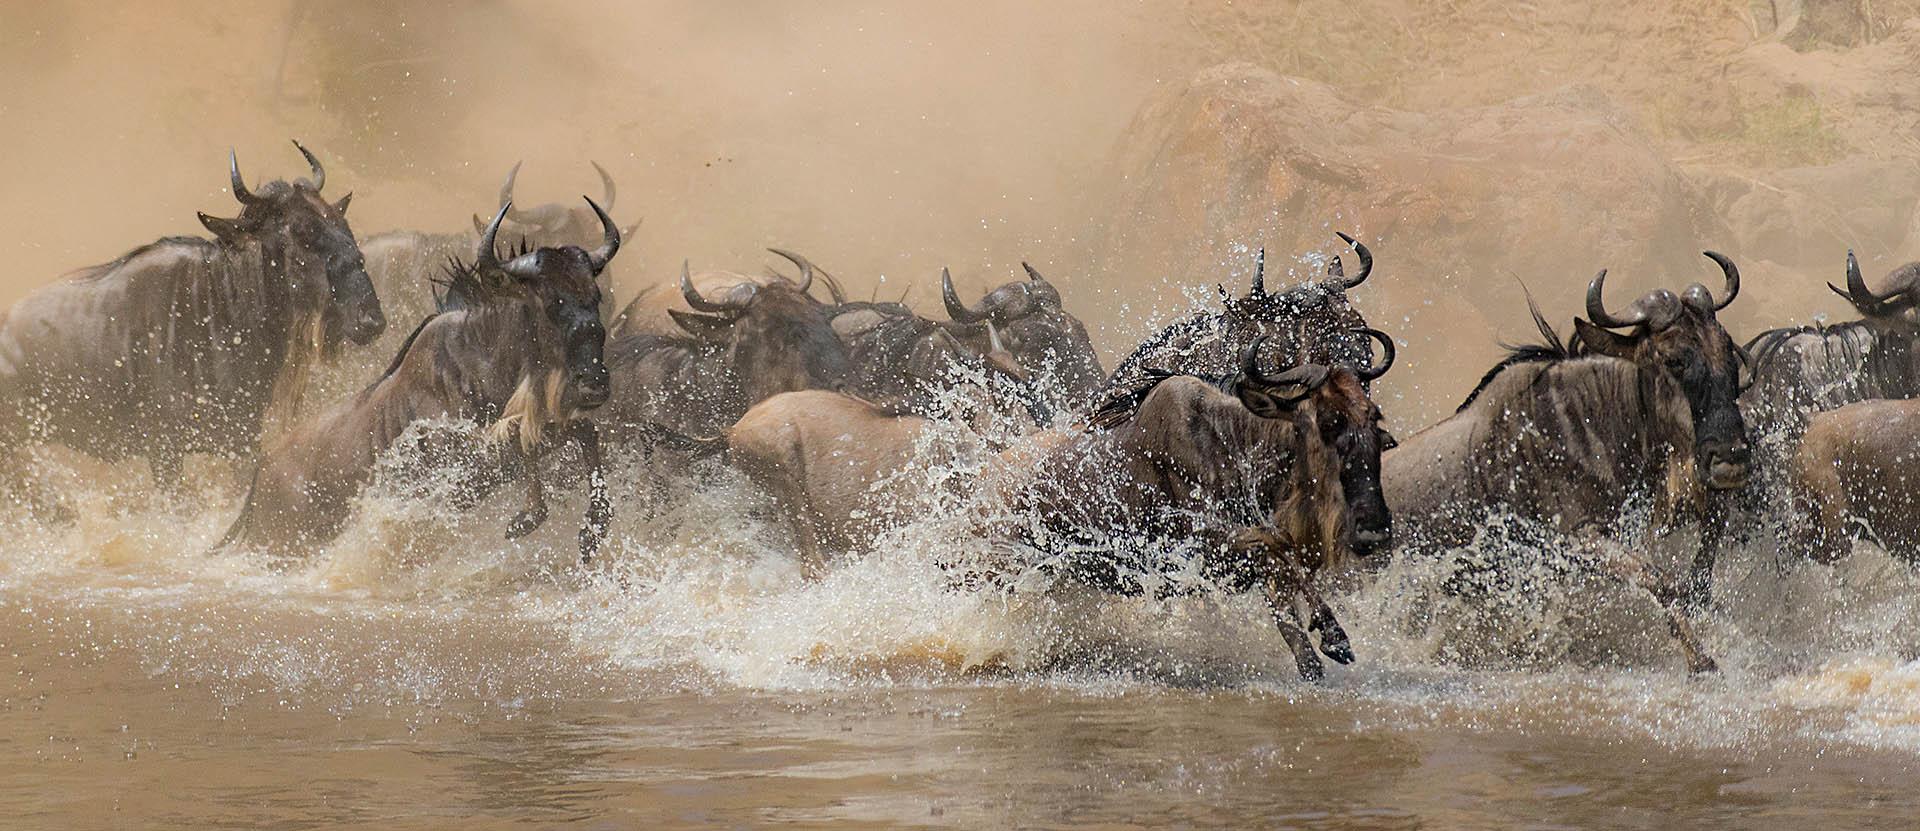 Gnoes steken de Mara rivier over